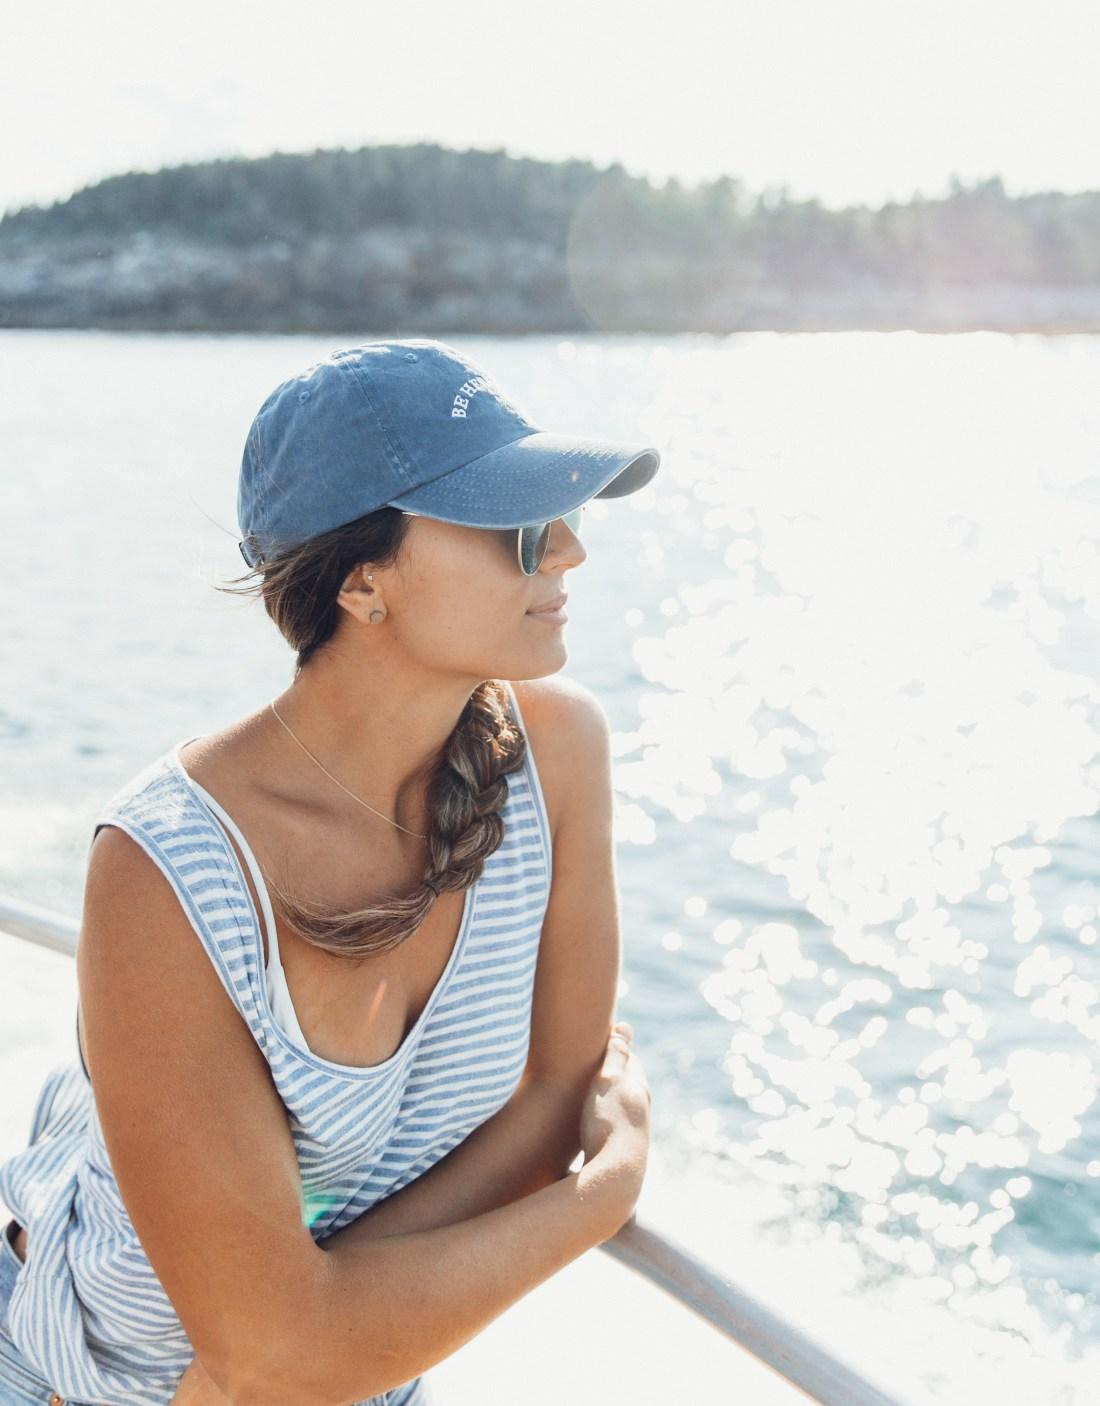 Slice of Paradise in Maine | Monhegan Island | Summer in Maine | Travel Writer ElanaLoo | Traveling Creative + Blogger @elanaloo + elanaloo.com